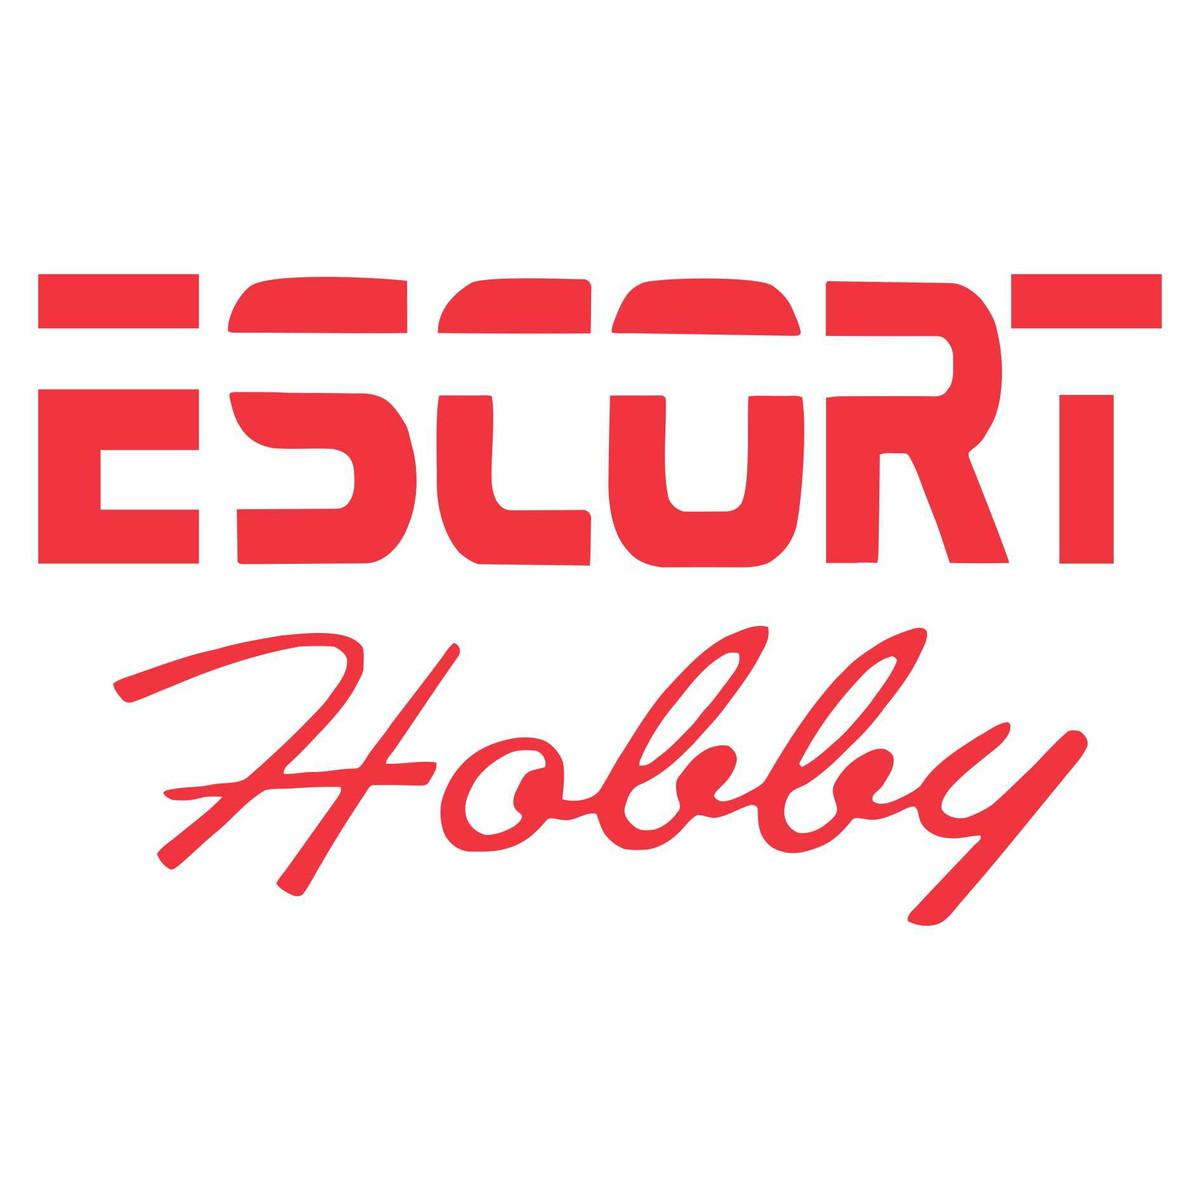 Kit Adesivos Ford Escort Hobby A148 no Elo7 | QUEEN INDÚSTRIA DE ...